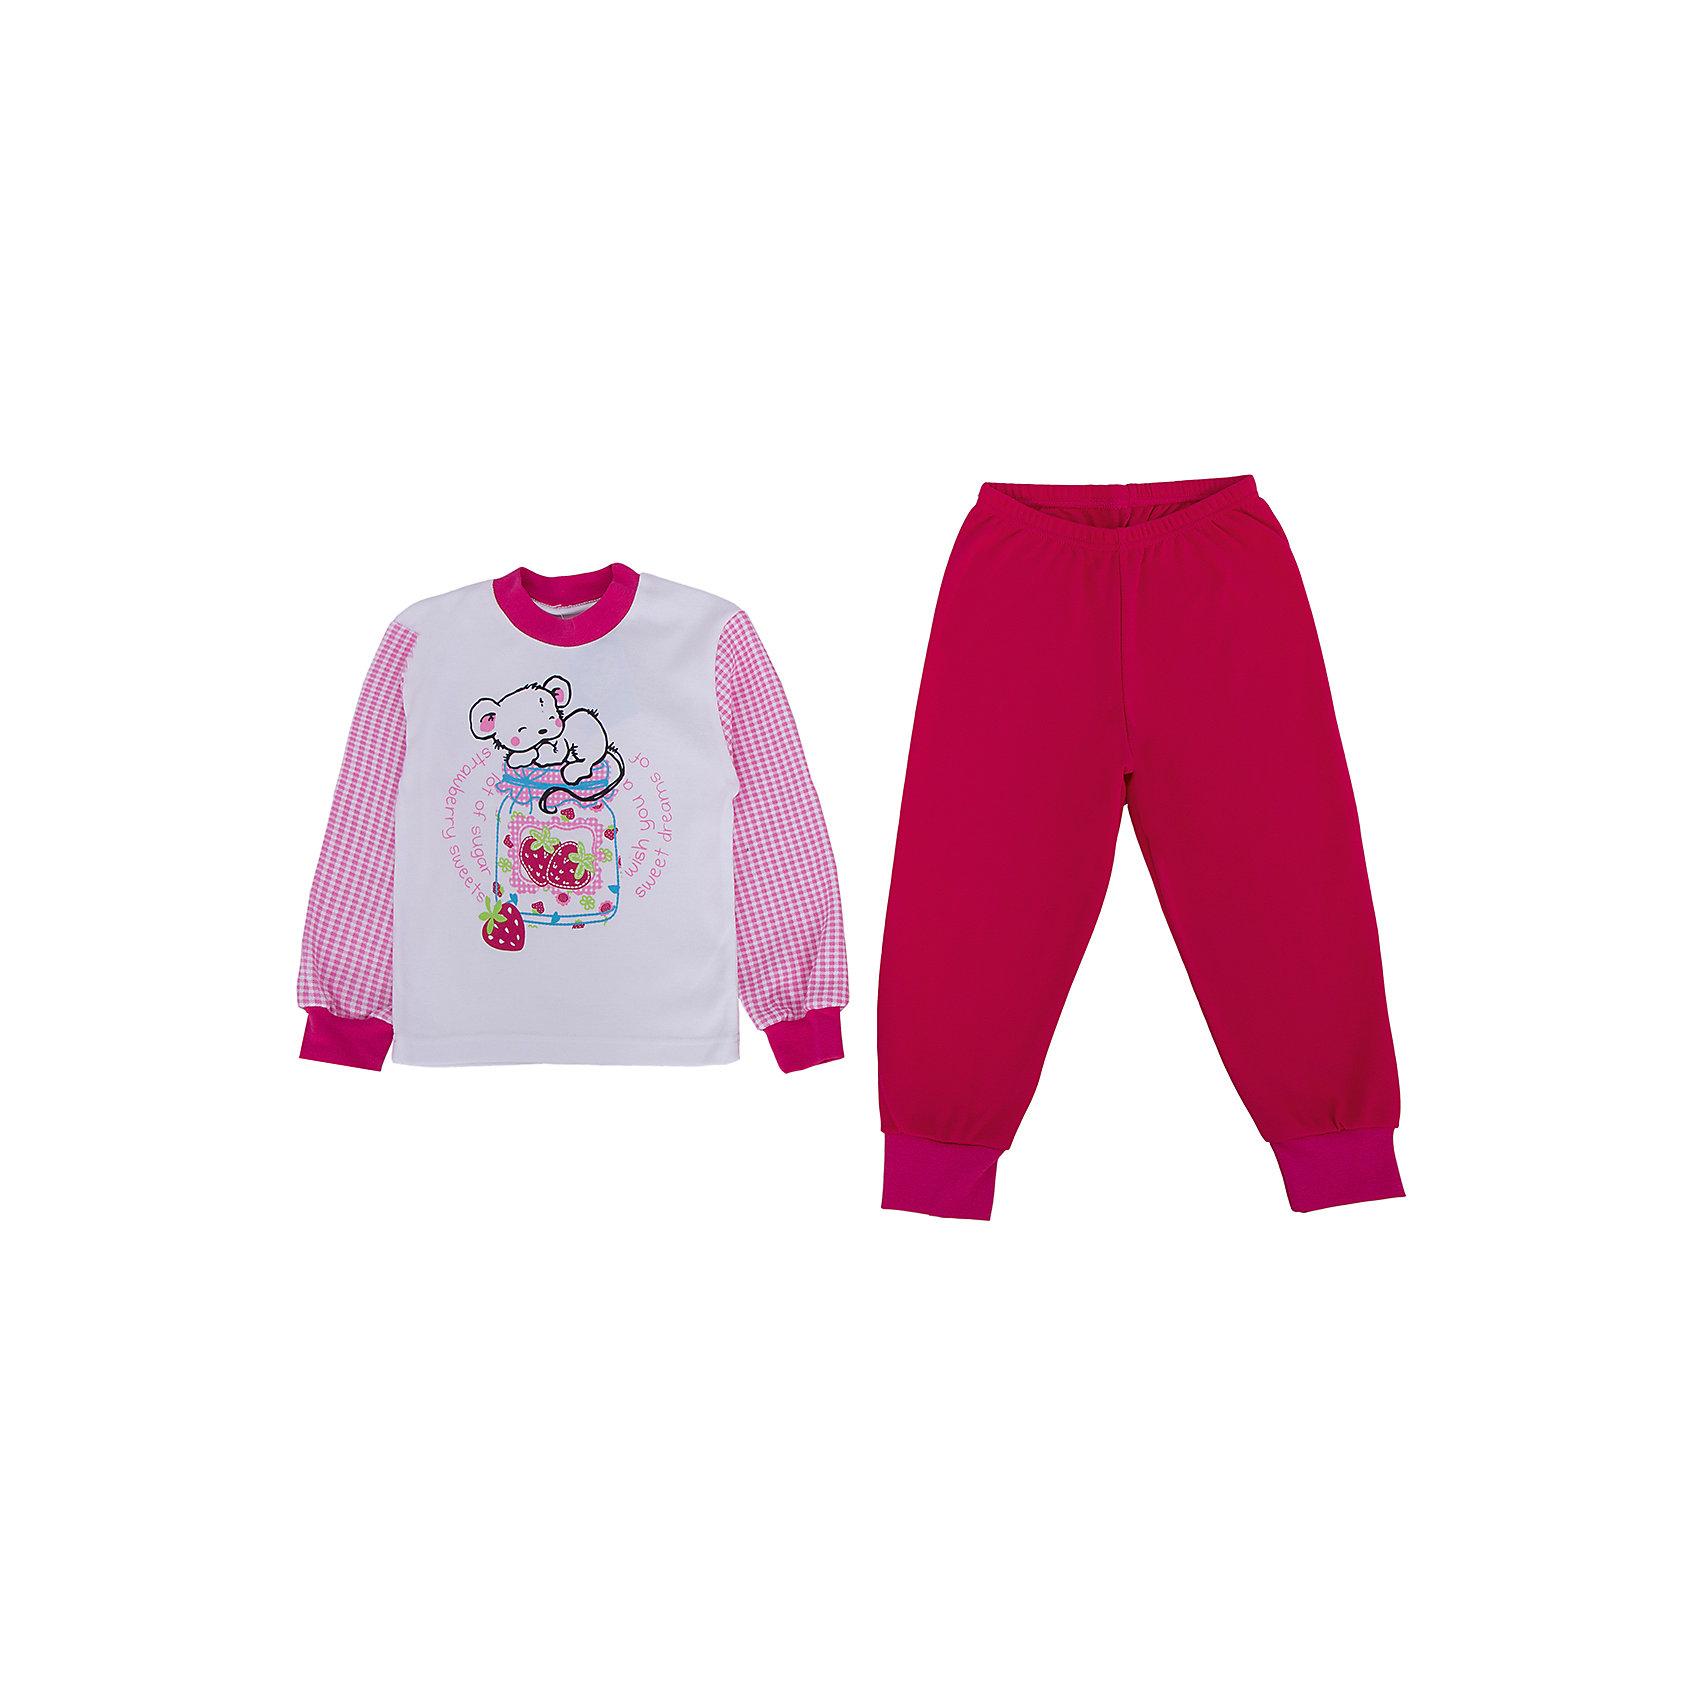 Пижама для девочки АпрельПижамы и сорочки<br>Пижама  от известного бренда Апрель<br>Замечательный домашний комплект, состоящий из джемпера и брючек. Приятный на ощупь, не сковывает движения, обеспечивая полный комфорт. Джемпер с длинными рукавами на манжете, декорирован милым дизайнерским принтом. Брючки имеют эластичный пояс, по низу манжеты. Прекрасный вариант для дома и сна!<br>Состав:<br>хлопок 100%<br><br>Ширина мм: 281<br>Глубина мм: 70<br>Высота мм: 188<br>Вес г: 295<br>Цвет: розовый<br>Возраст от месяцев: 60<br>Возраст до месяцев: 72<br>Пол: Женский<br>Возраст: Детский<br>Размер: 116,92,98,104,110<br>SKU: 4768297